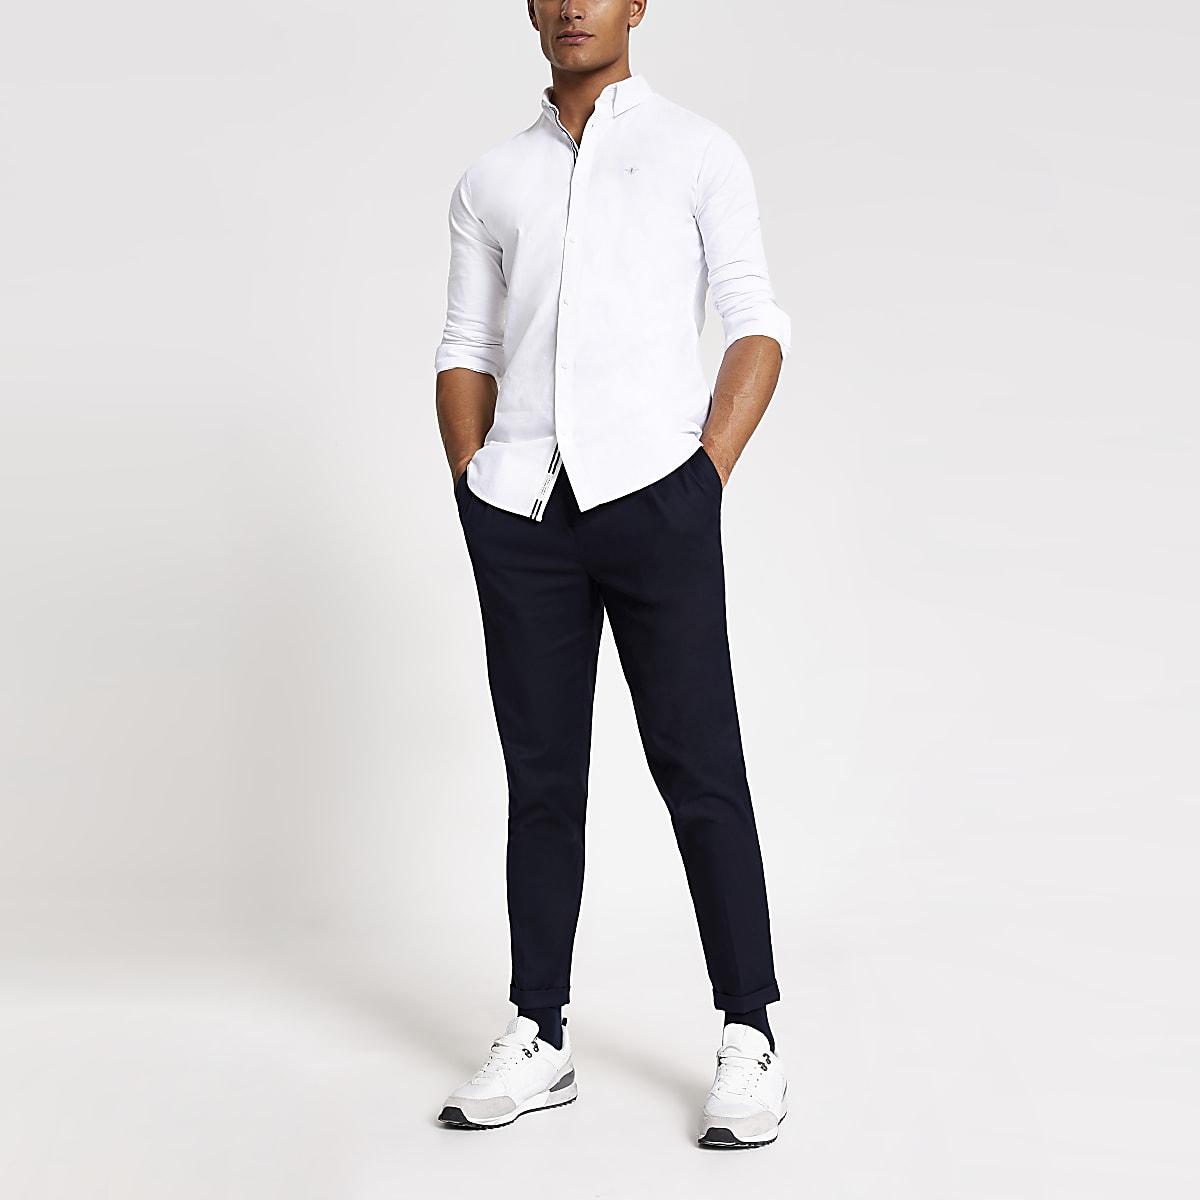 Chemise ajustée blanche brodée